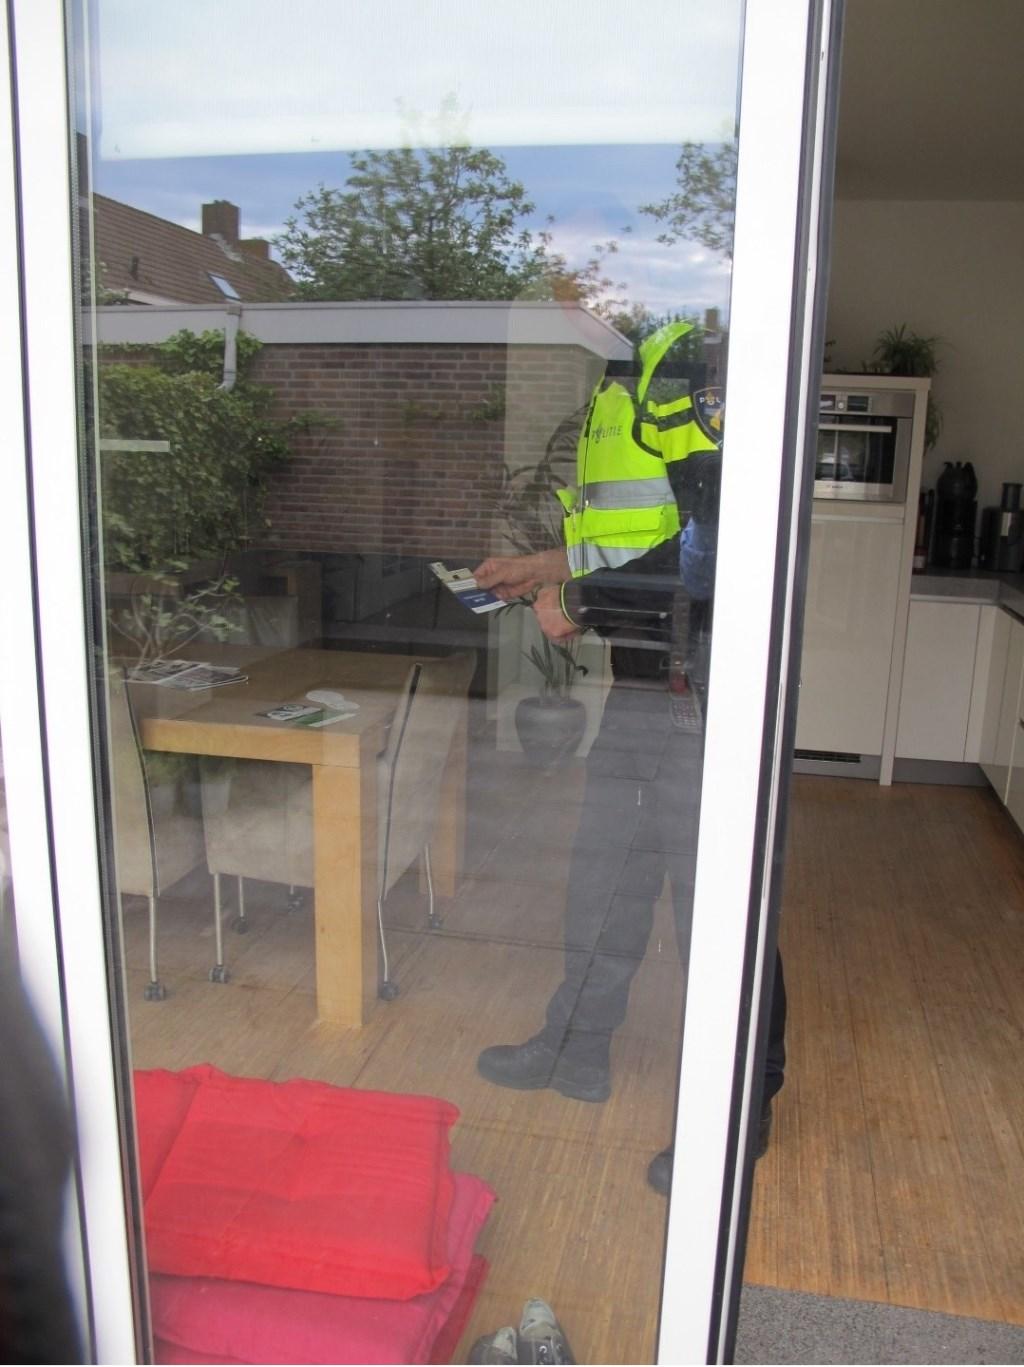 Een politieagent legt een 'witte voetjes'-brochure in een woning waarvan de deur openstond. Bron: www.buurtpreventieheiloo.nl  © Uitkijkpost Media B.v.